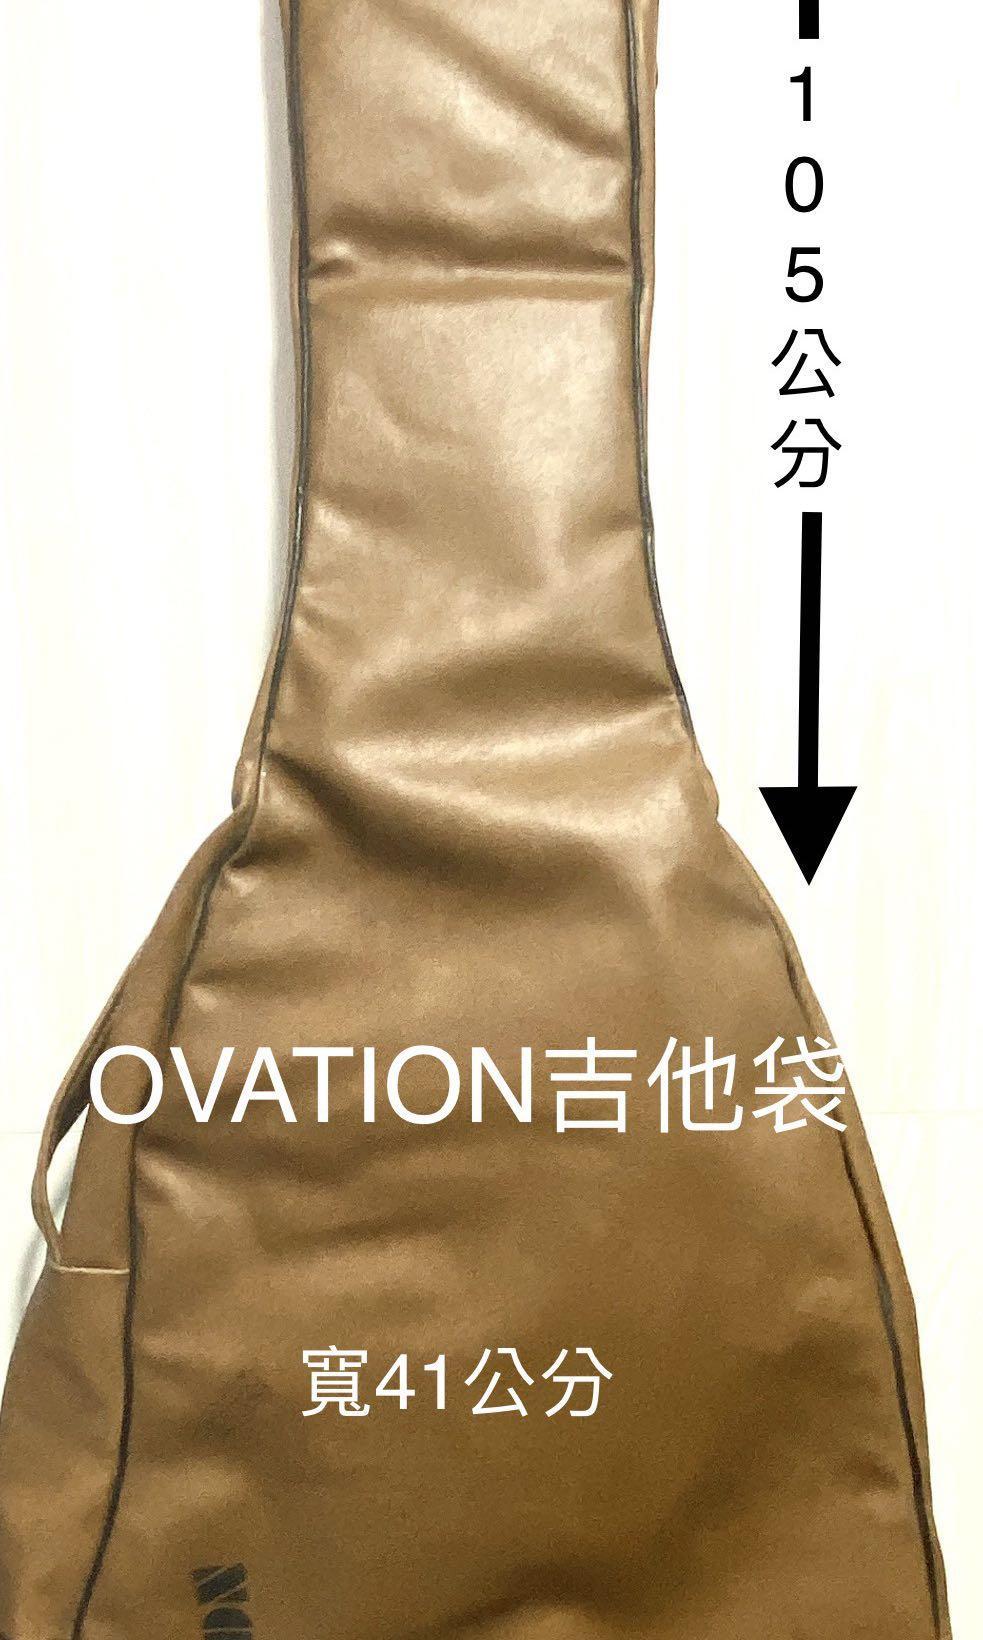 OVATION 旅行吉他背袋